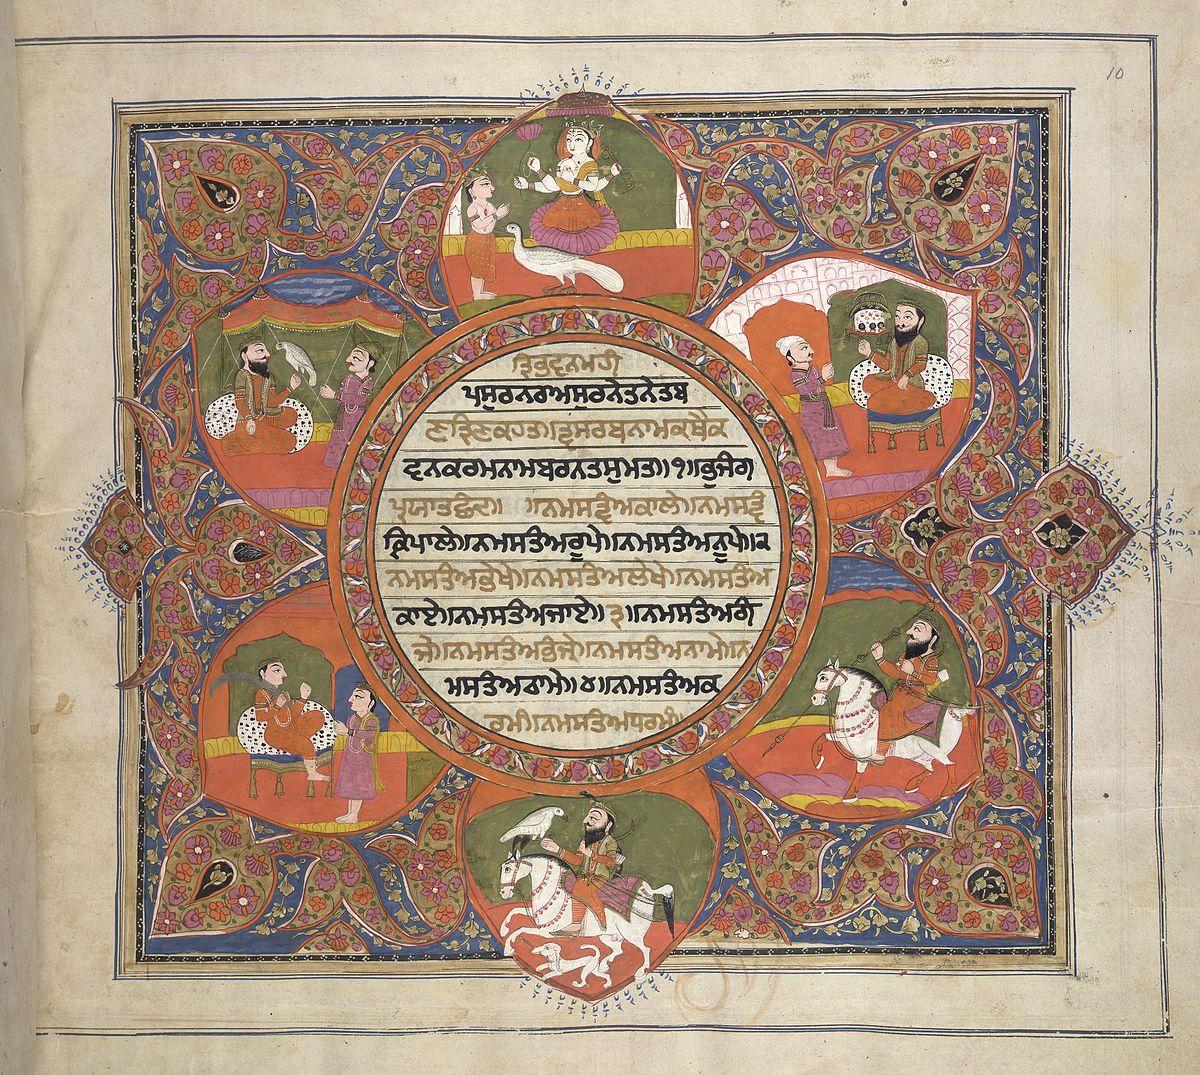 Chaupai (Sikhism)